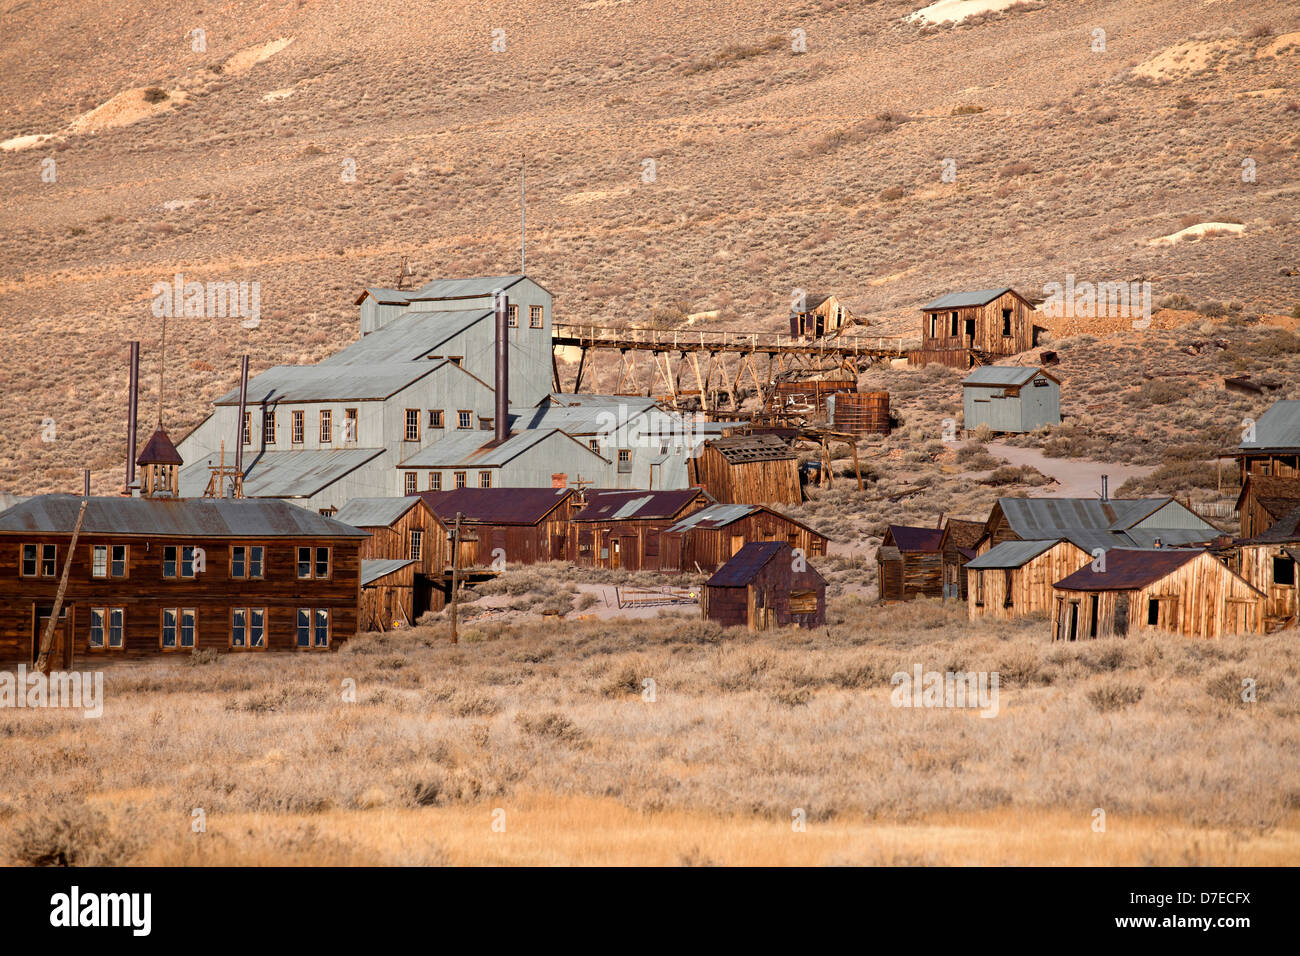 Ciudad fantasma de Bodie, California, Estados Unidos de América, EE.UU. Imagen De Stock